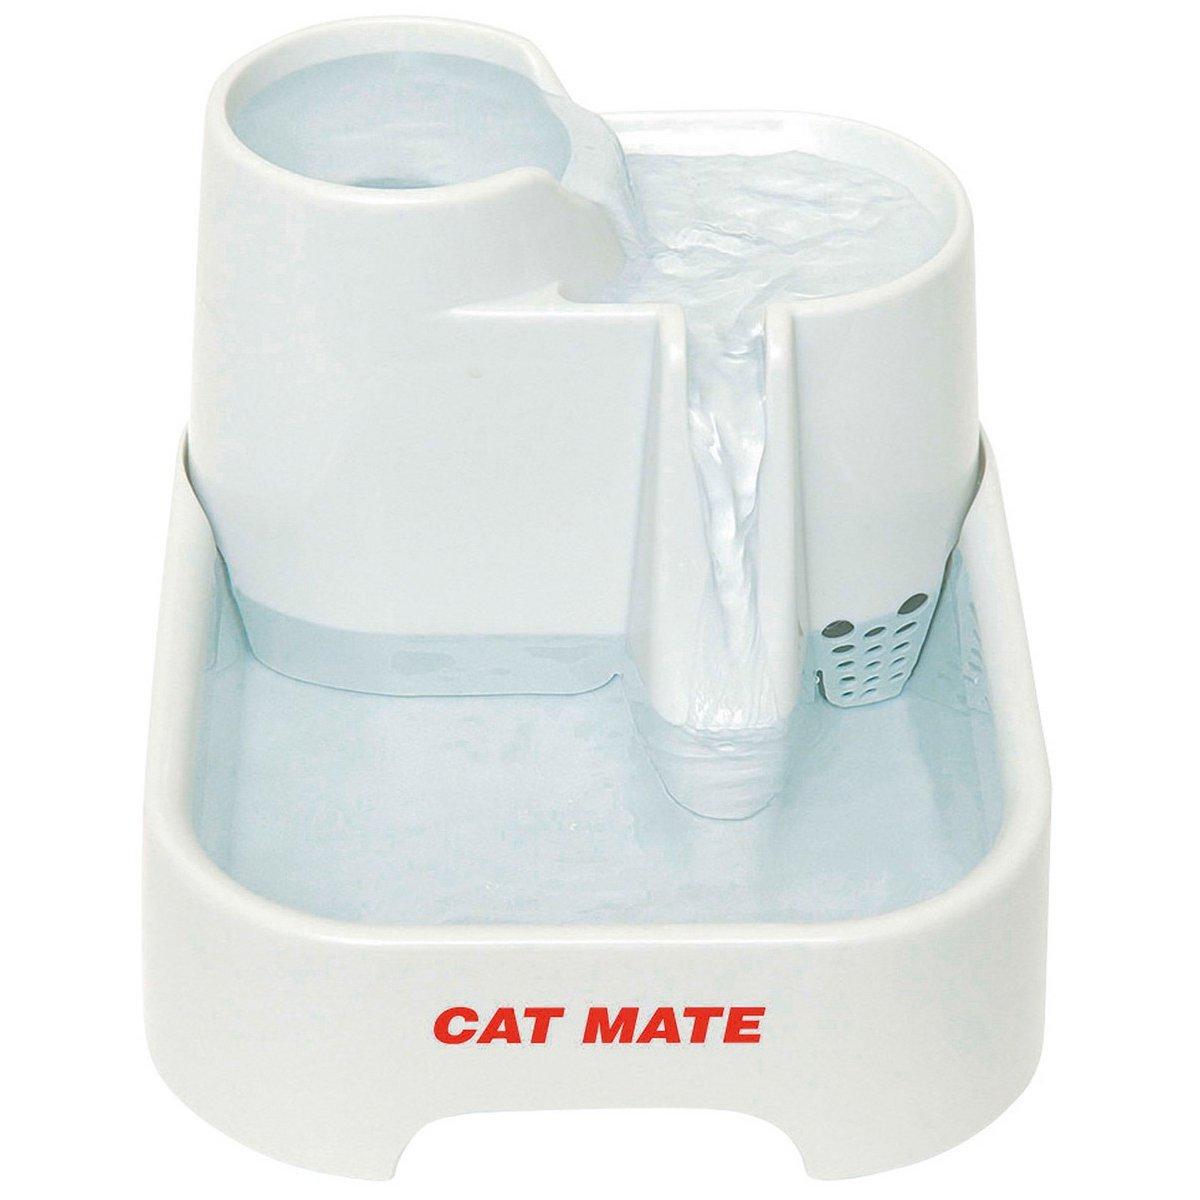 Afbeelding van Cat Mate Drinkfontein 2L